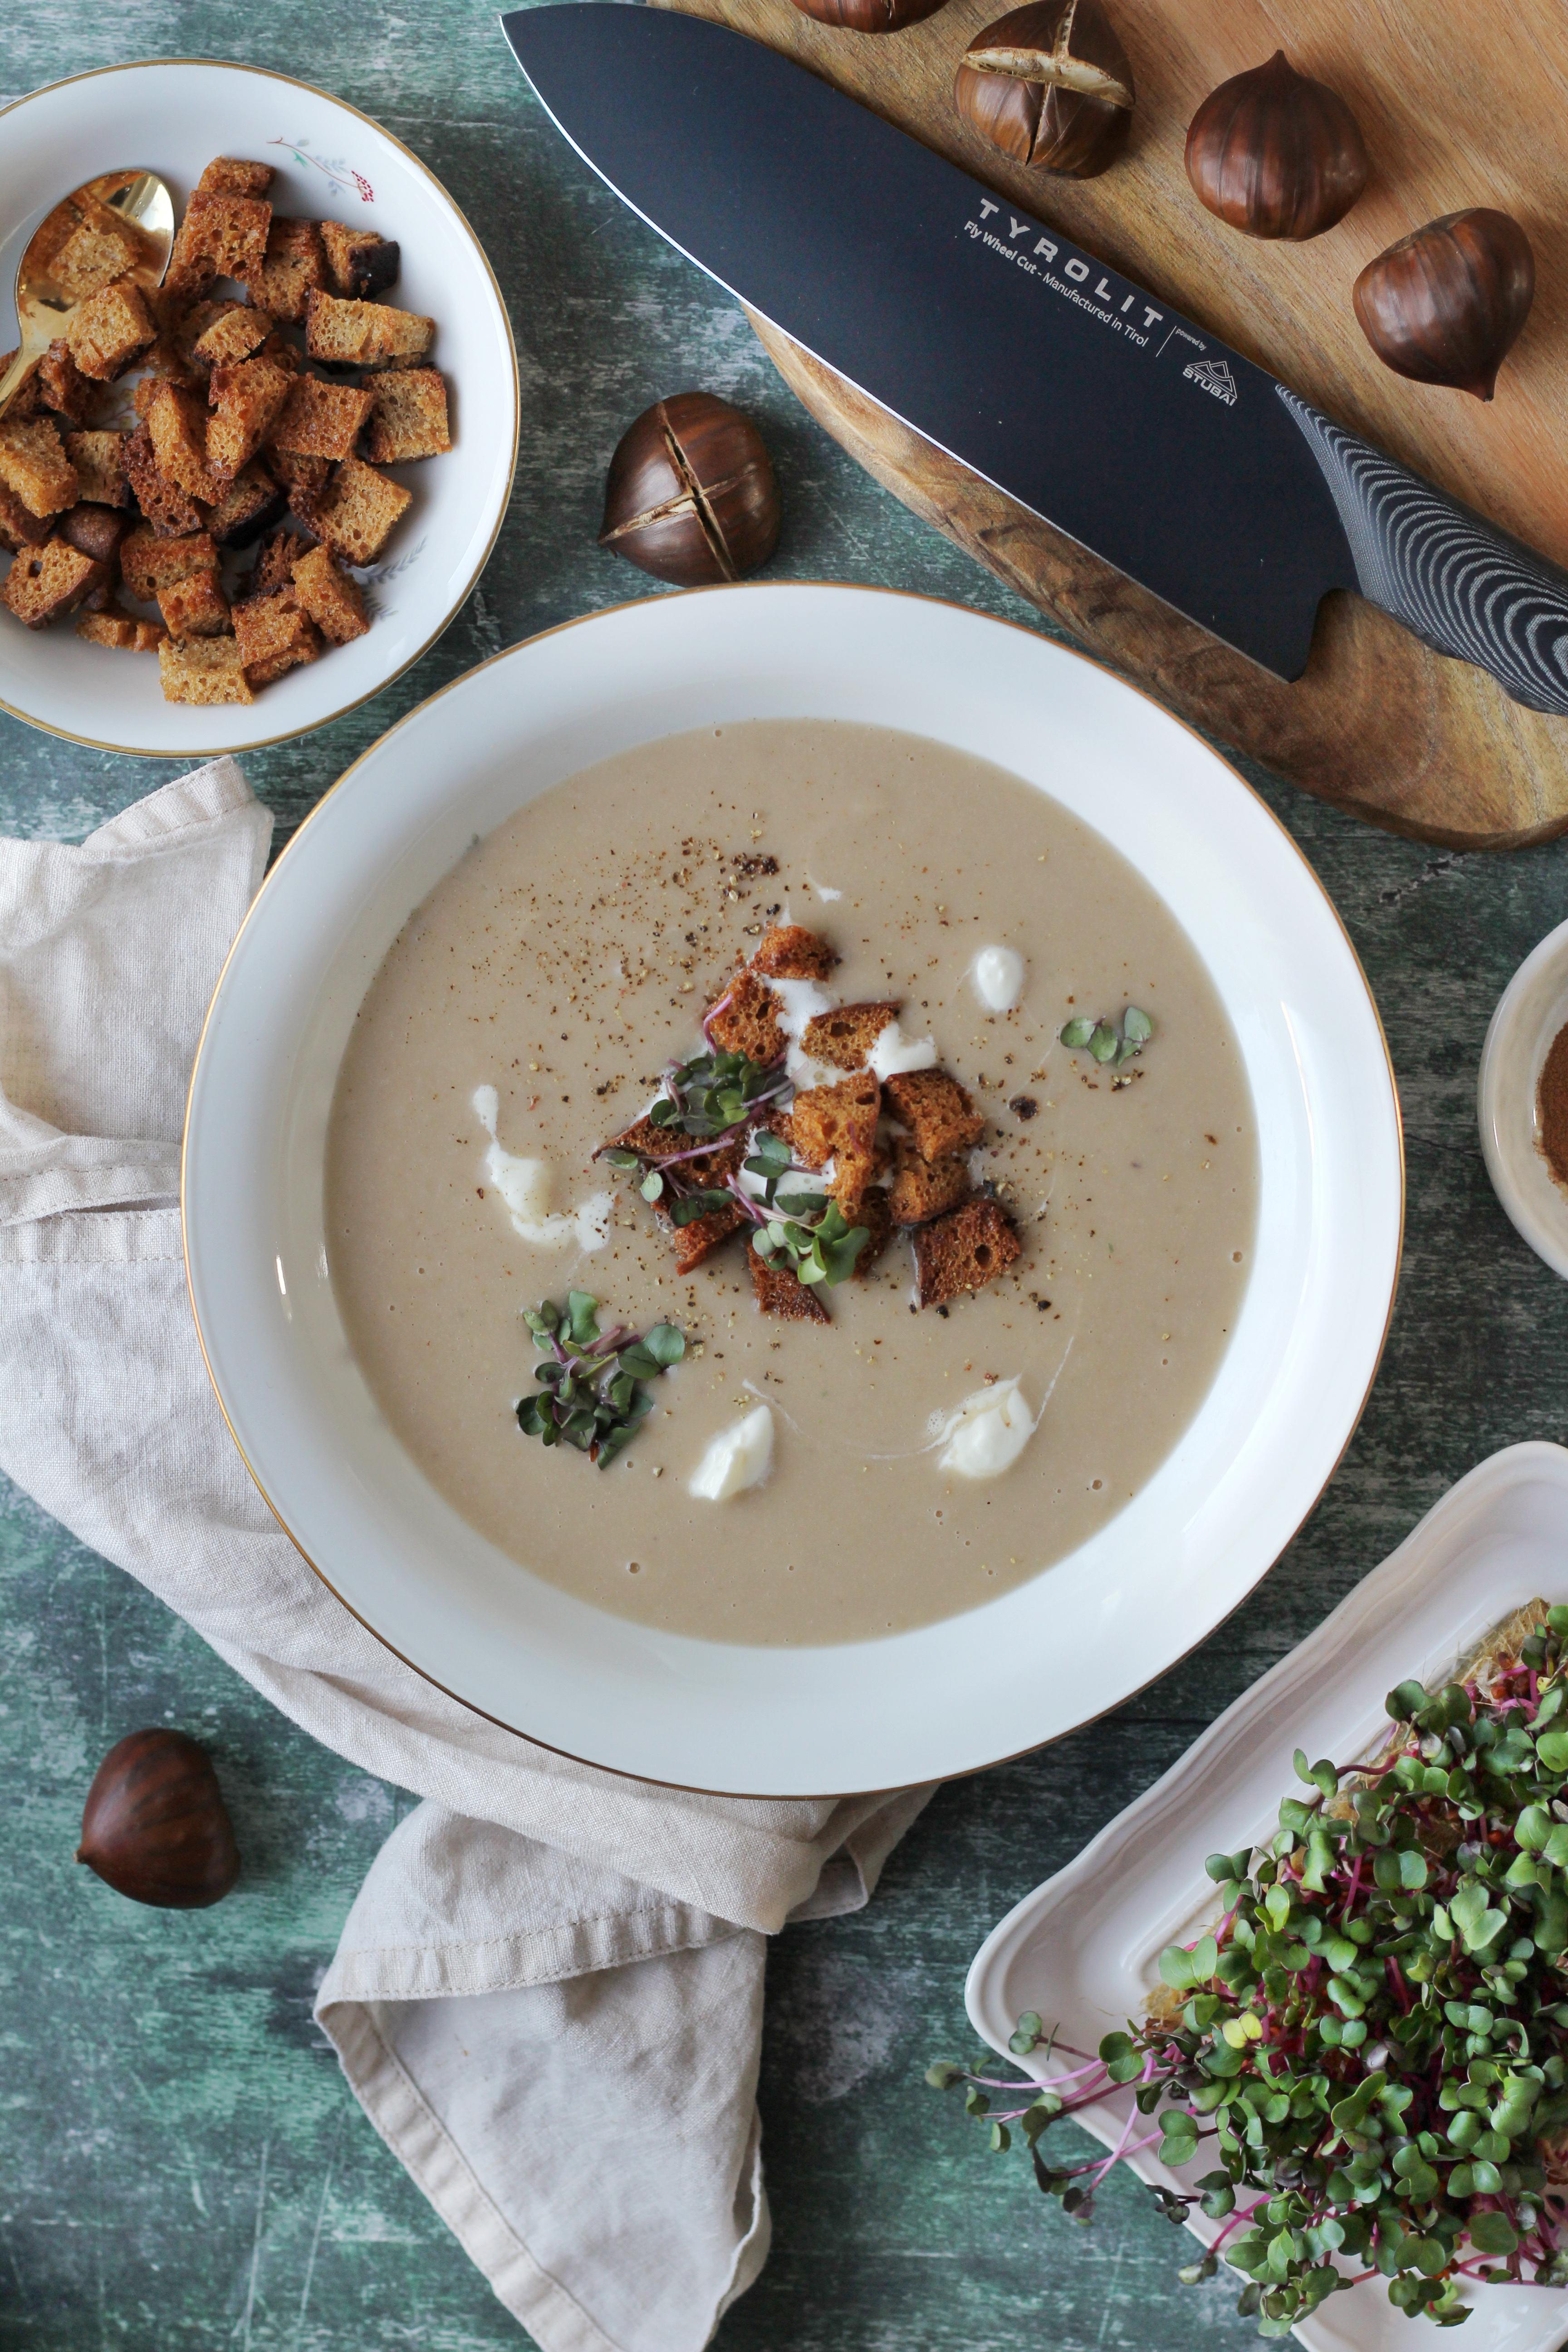 Seelenwärmer - Suppenrezepte für Herbst und Winter  cover image